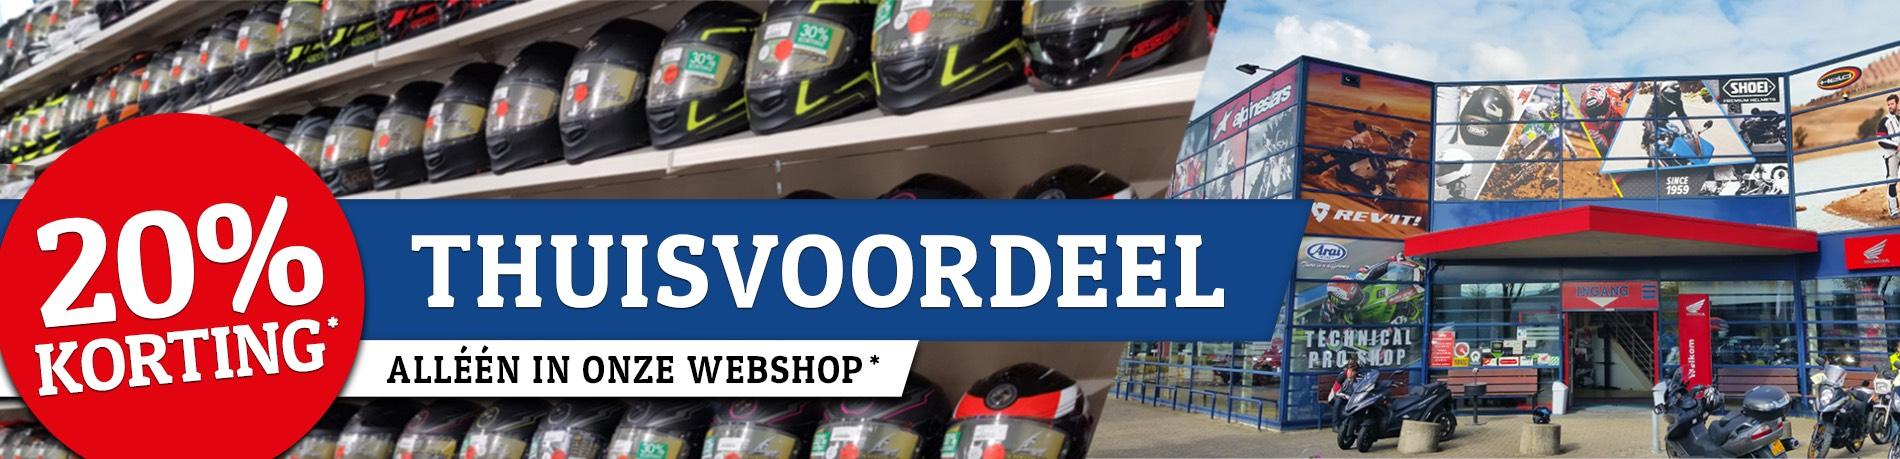 Hans van Wijk motoren 20% korting op veel in de webshop